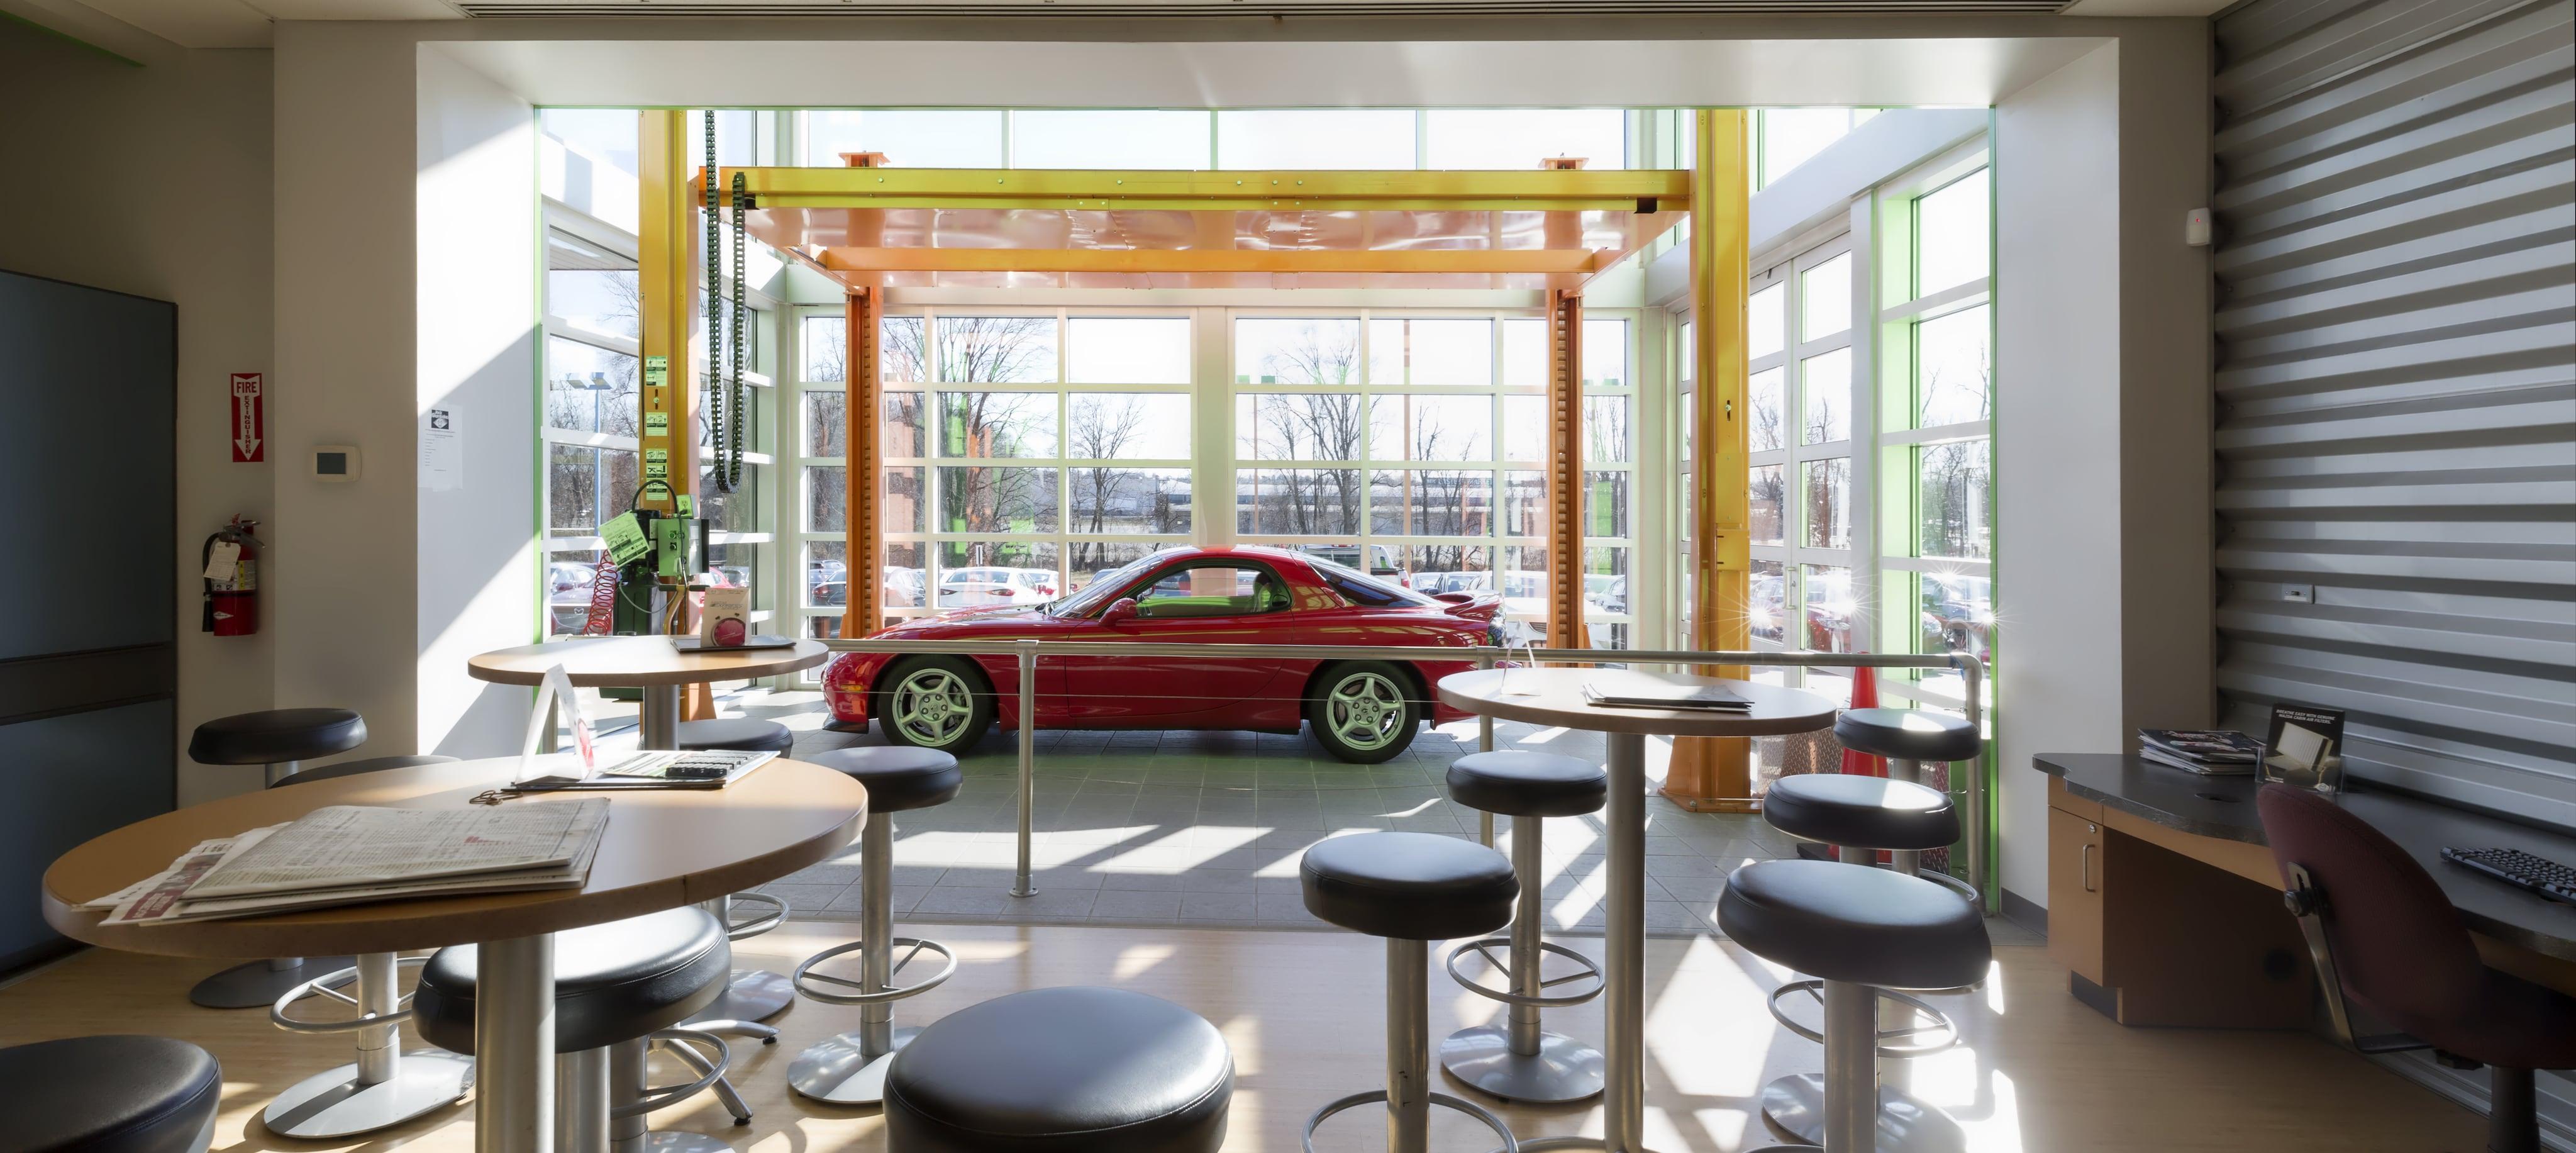 Jack Giambalvo Mazda   New Mazda Dealership In York, PA 17402